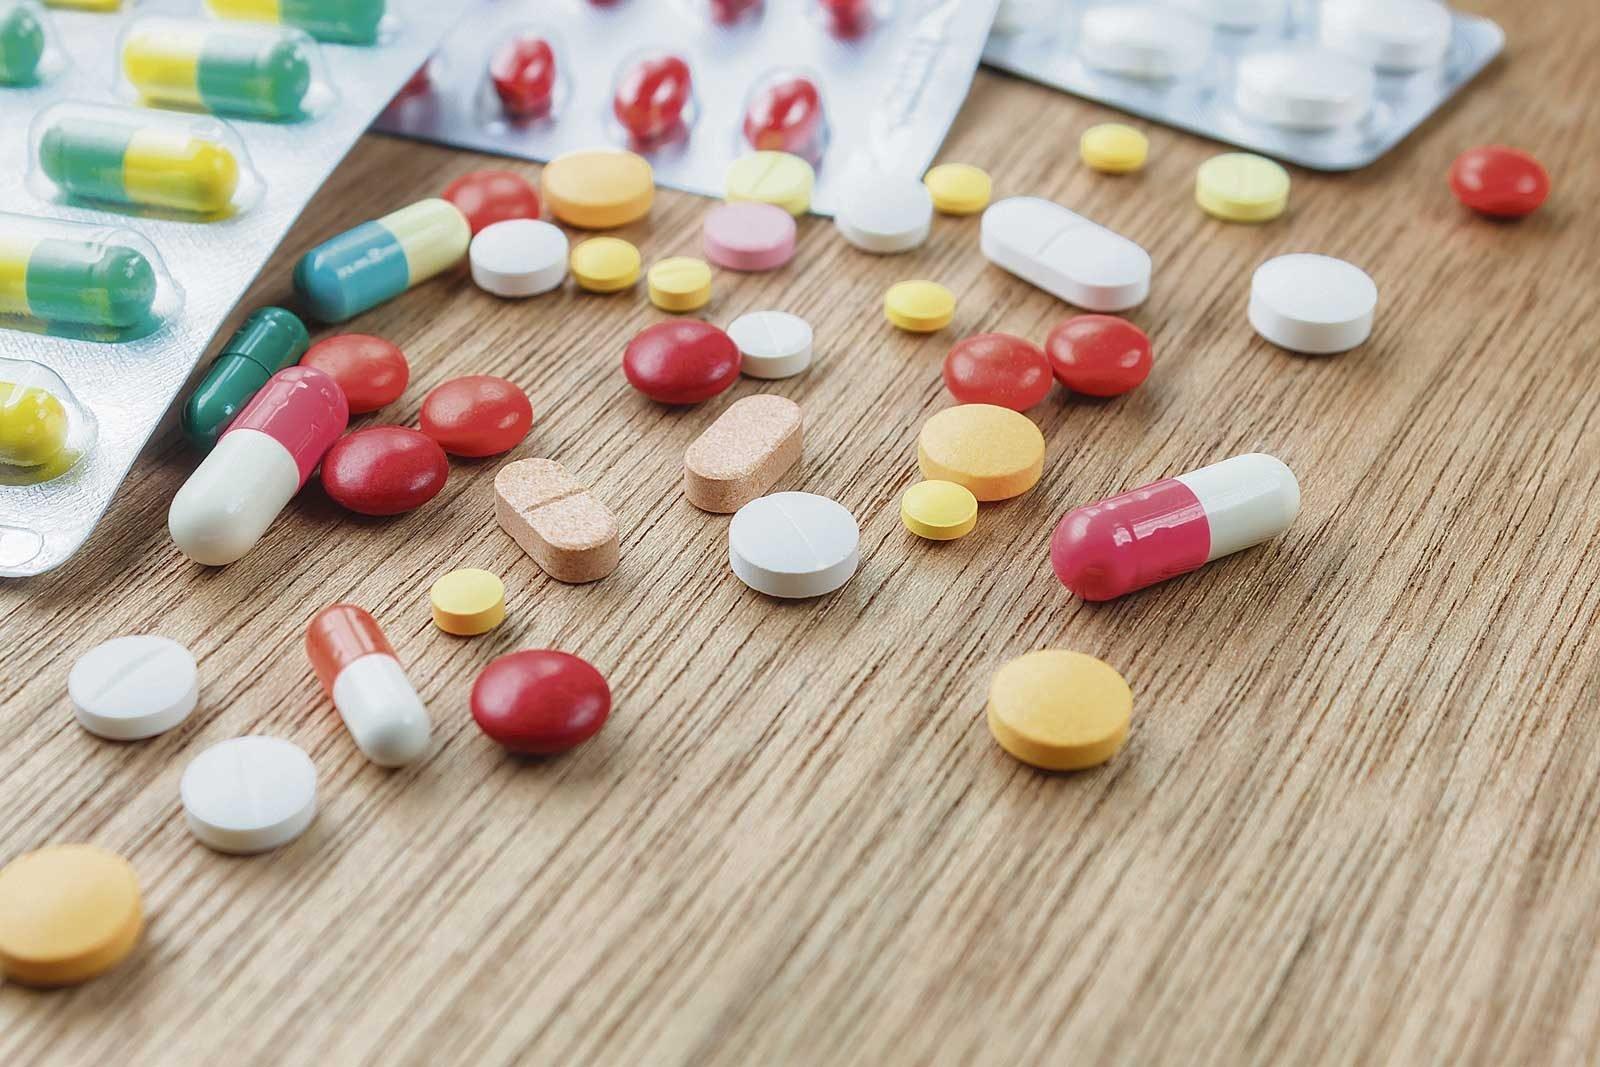 pastile dureroase articulare puternice